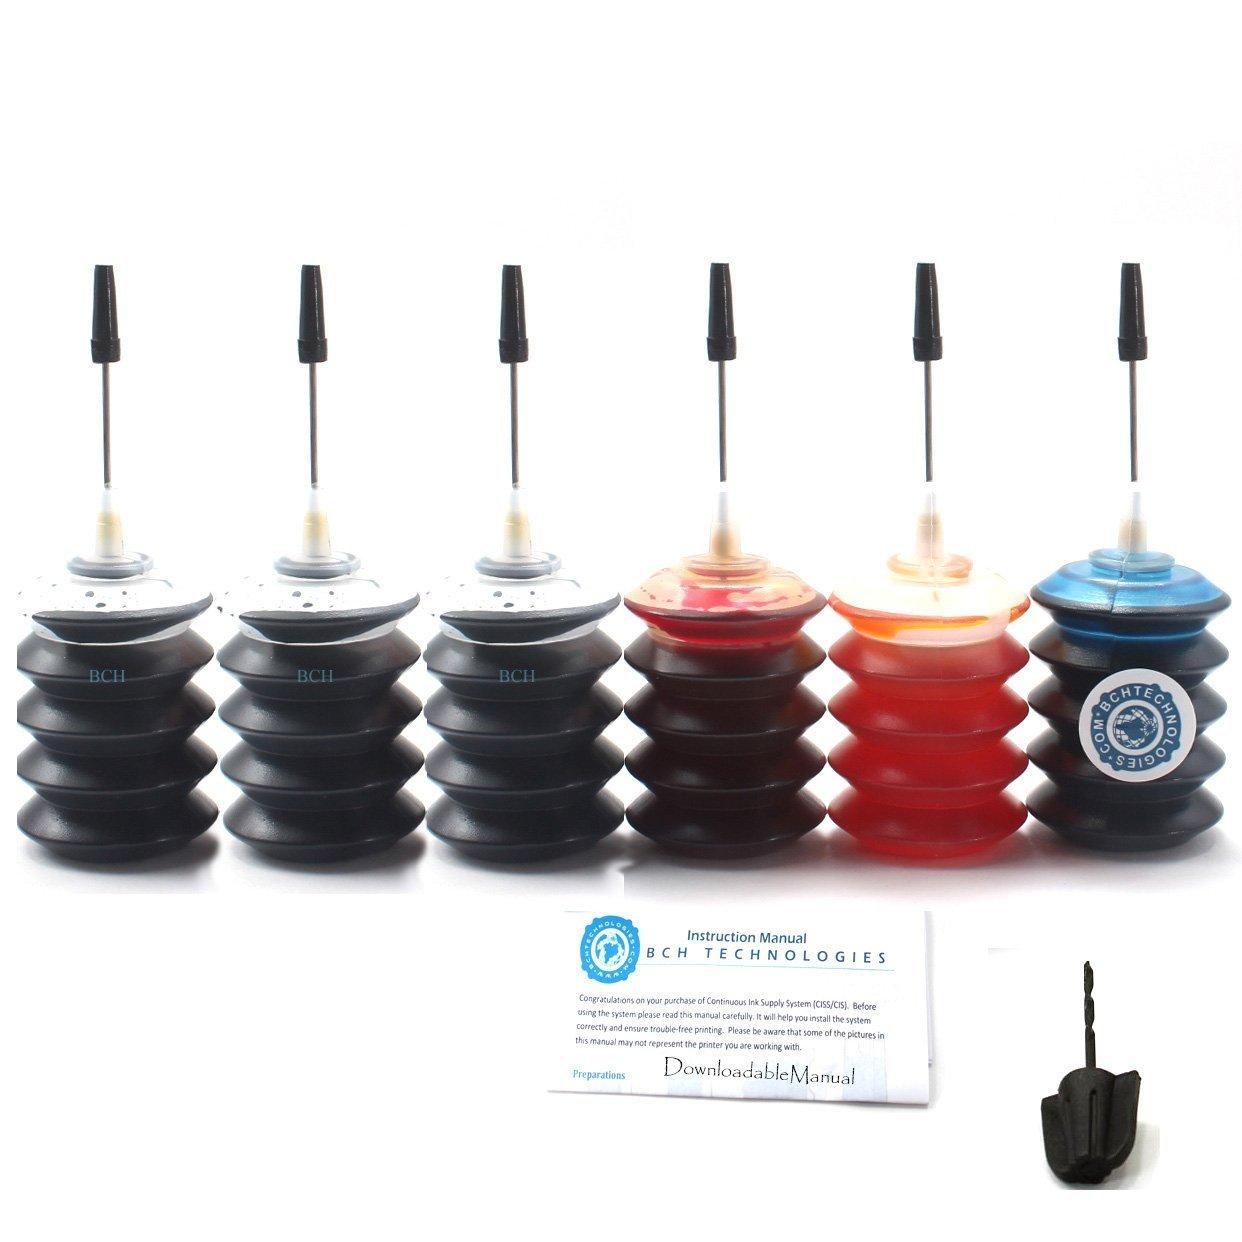 BCH Dye Ink Cartridge Refill Kit for HP 21 56 27 60 61 92 94 96 901 74 XL 6-Bottle Combo: 3 x Black + 1 Each of Cyan Magenta Yellow ID30-KKKCMY